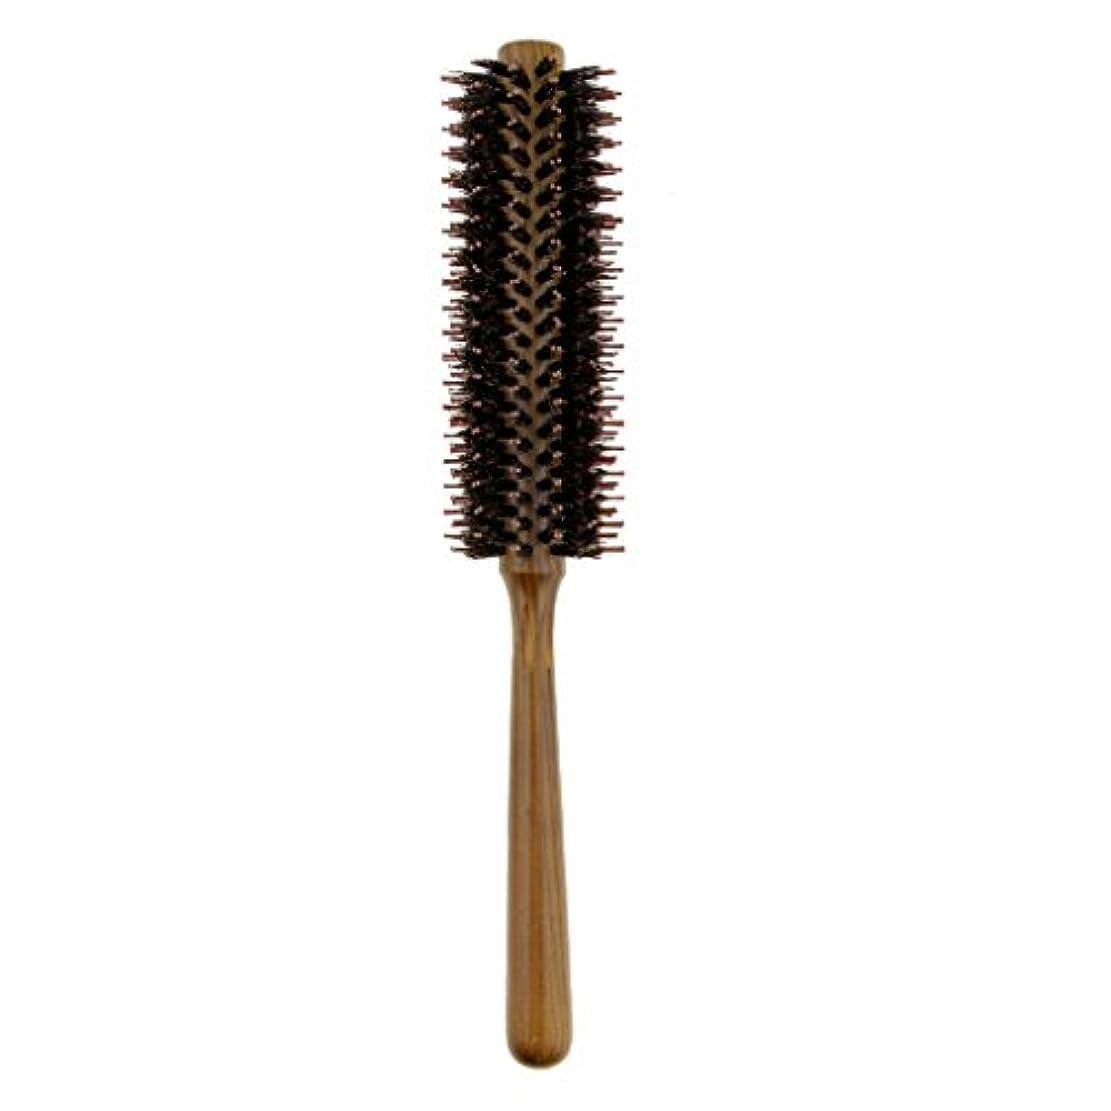 不信血まみれの強化するToygogo ヘアブラシカーリングヘアラウンドブラシバレルヘアスタイリングコームヘアブラシ - S